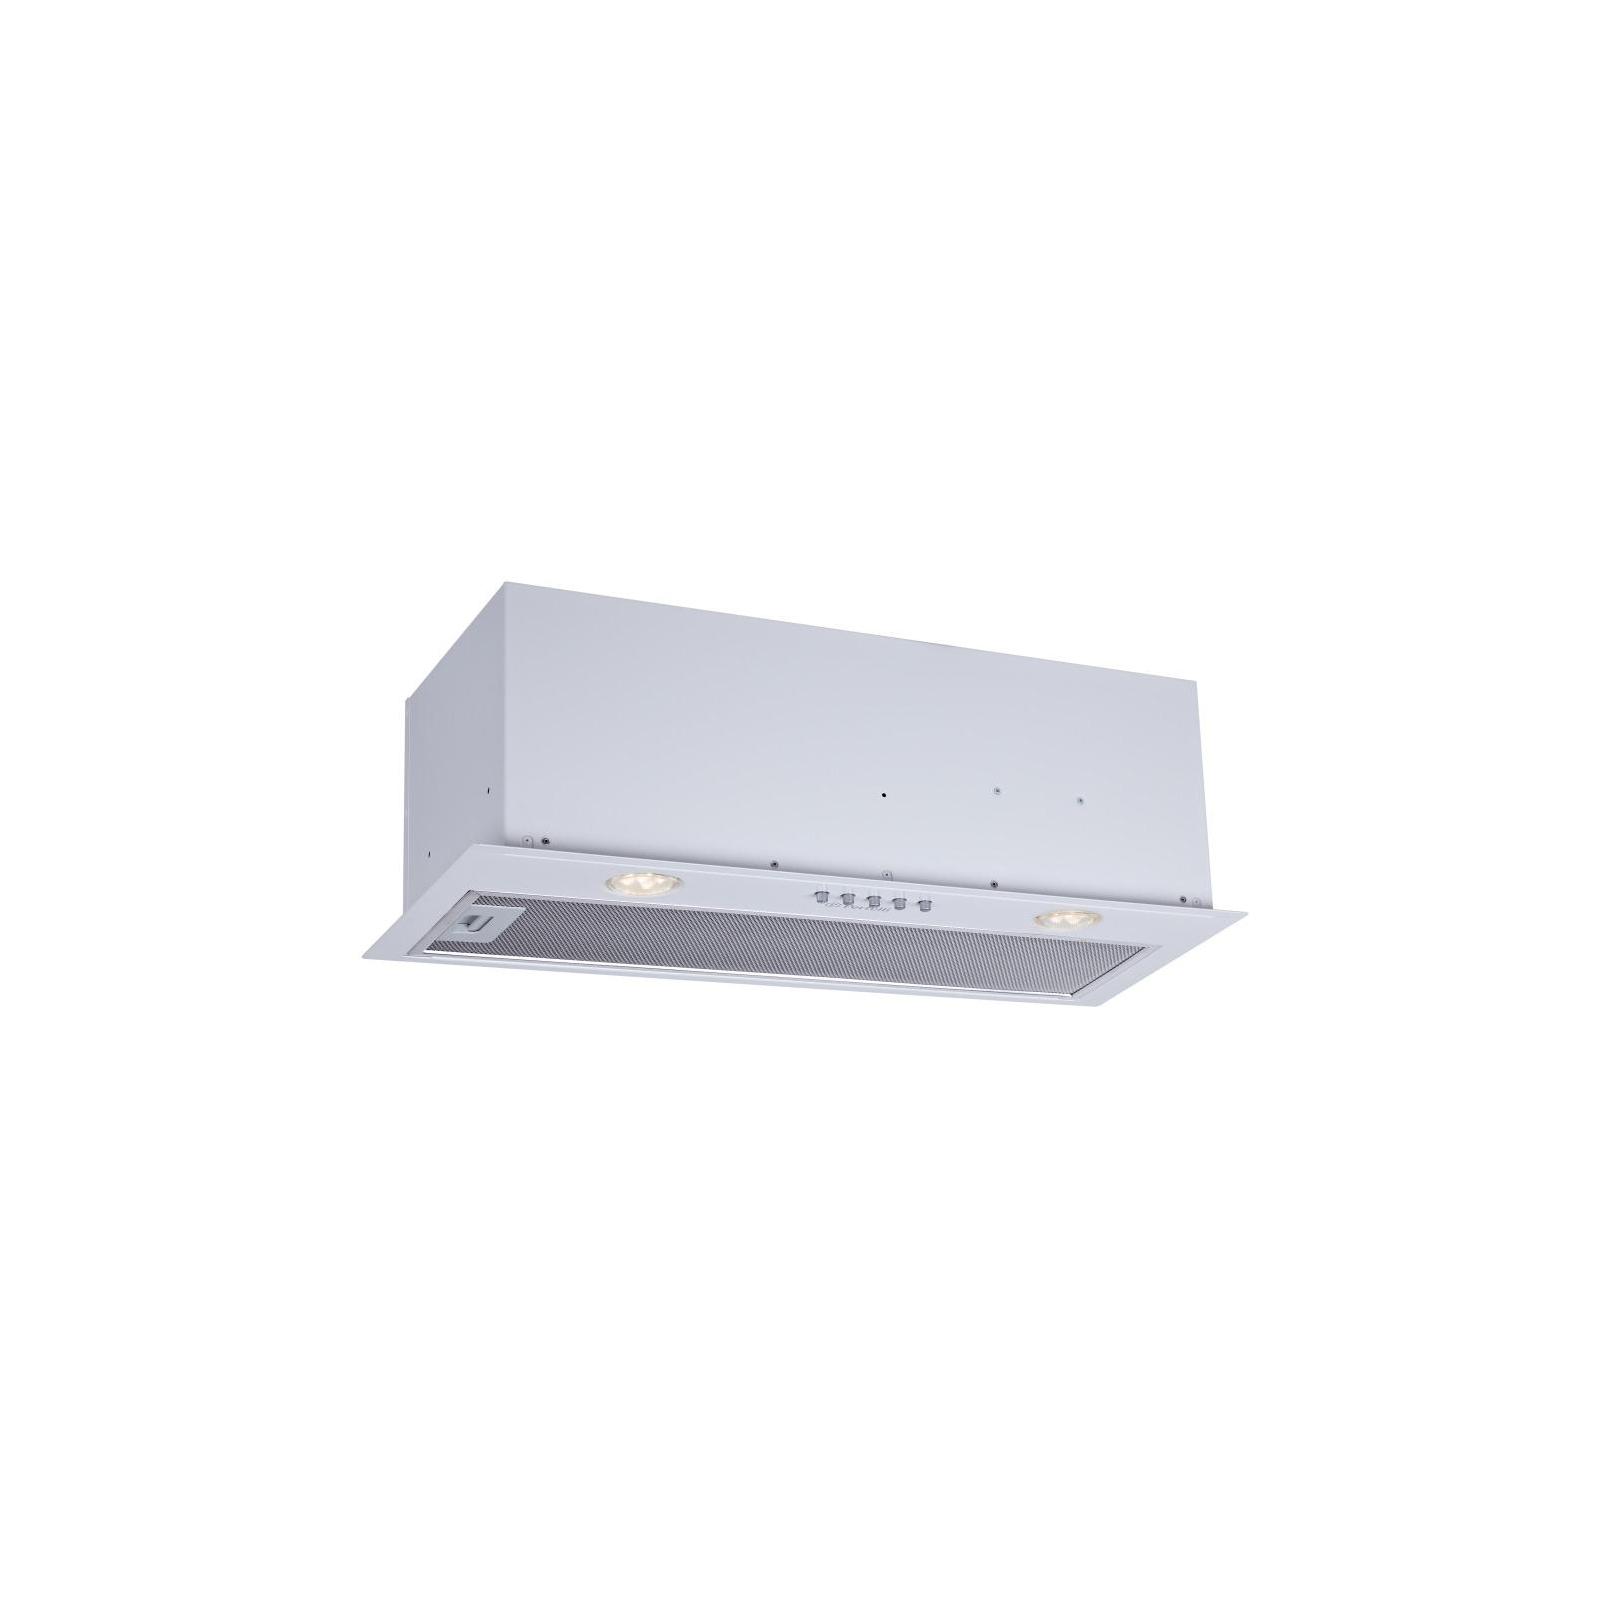 Вытяжка кухонная PERFELLI BI 6512 A 1000 W LED изображение 3